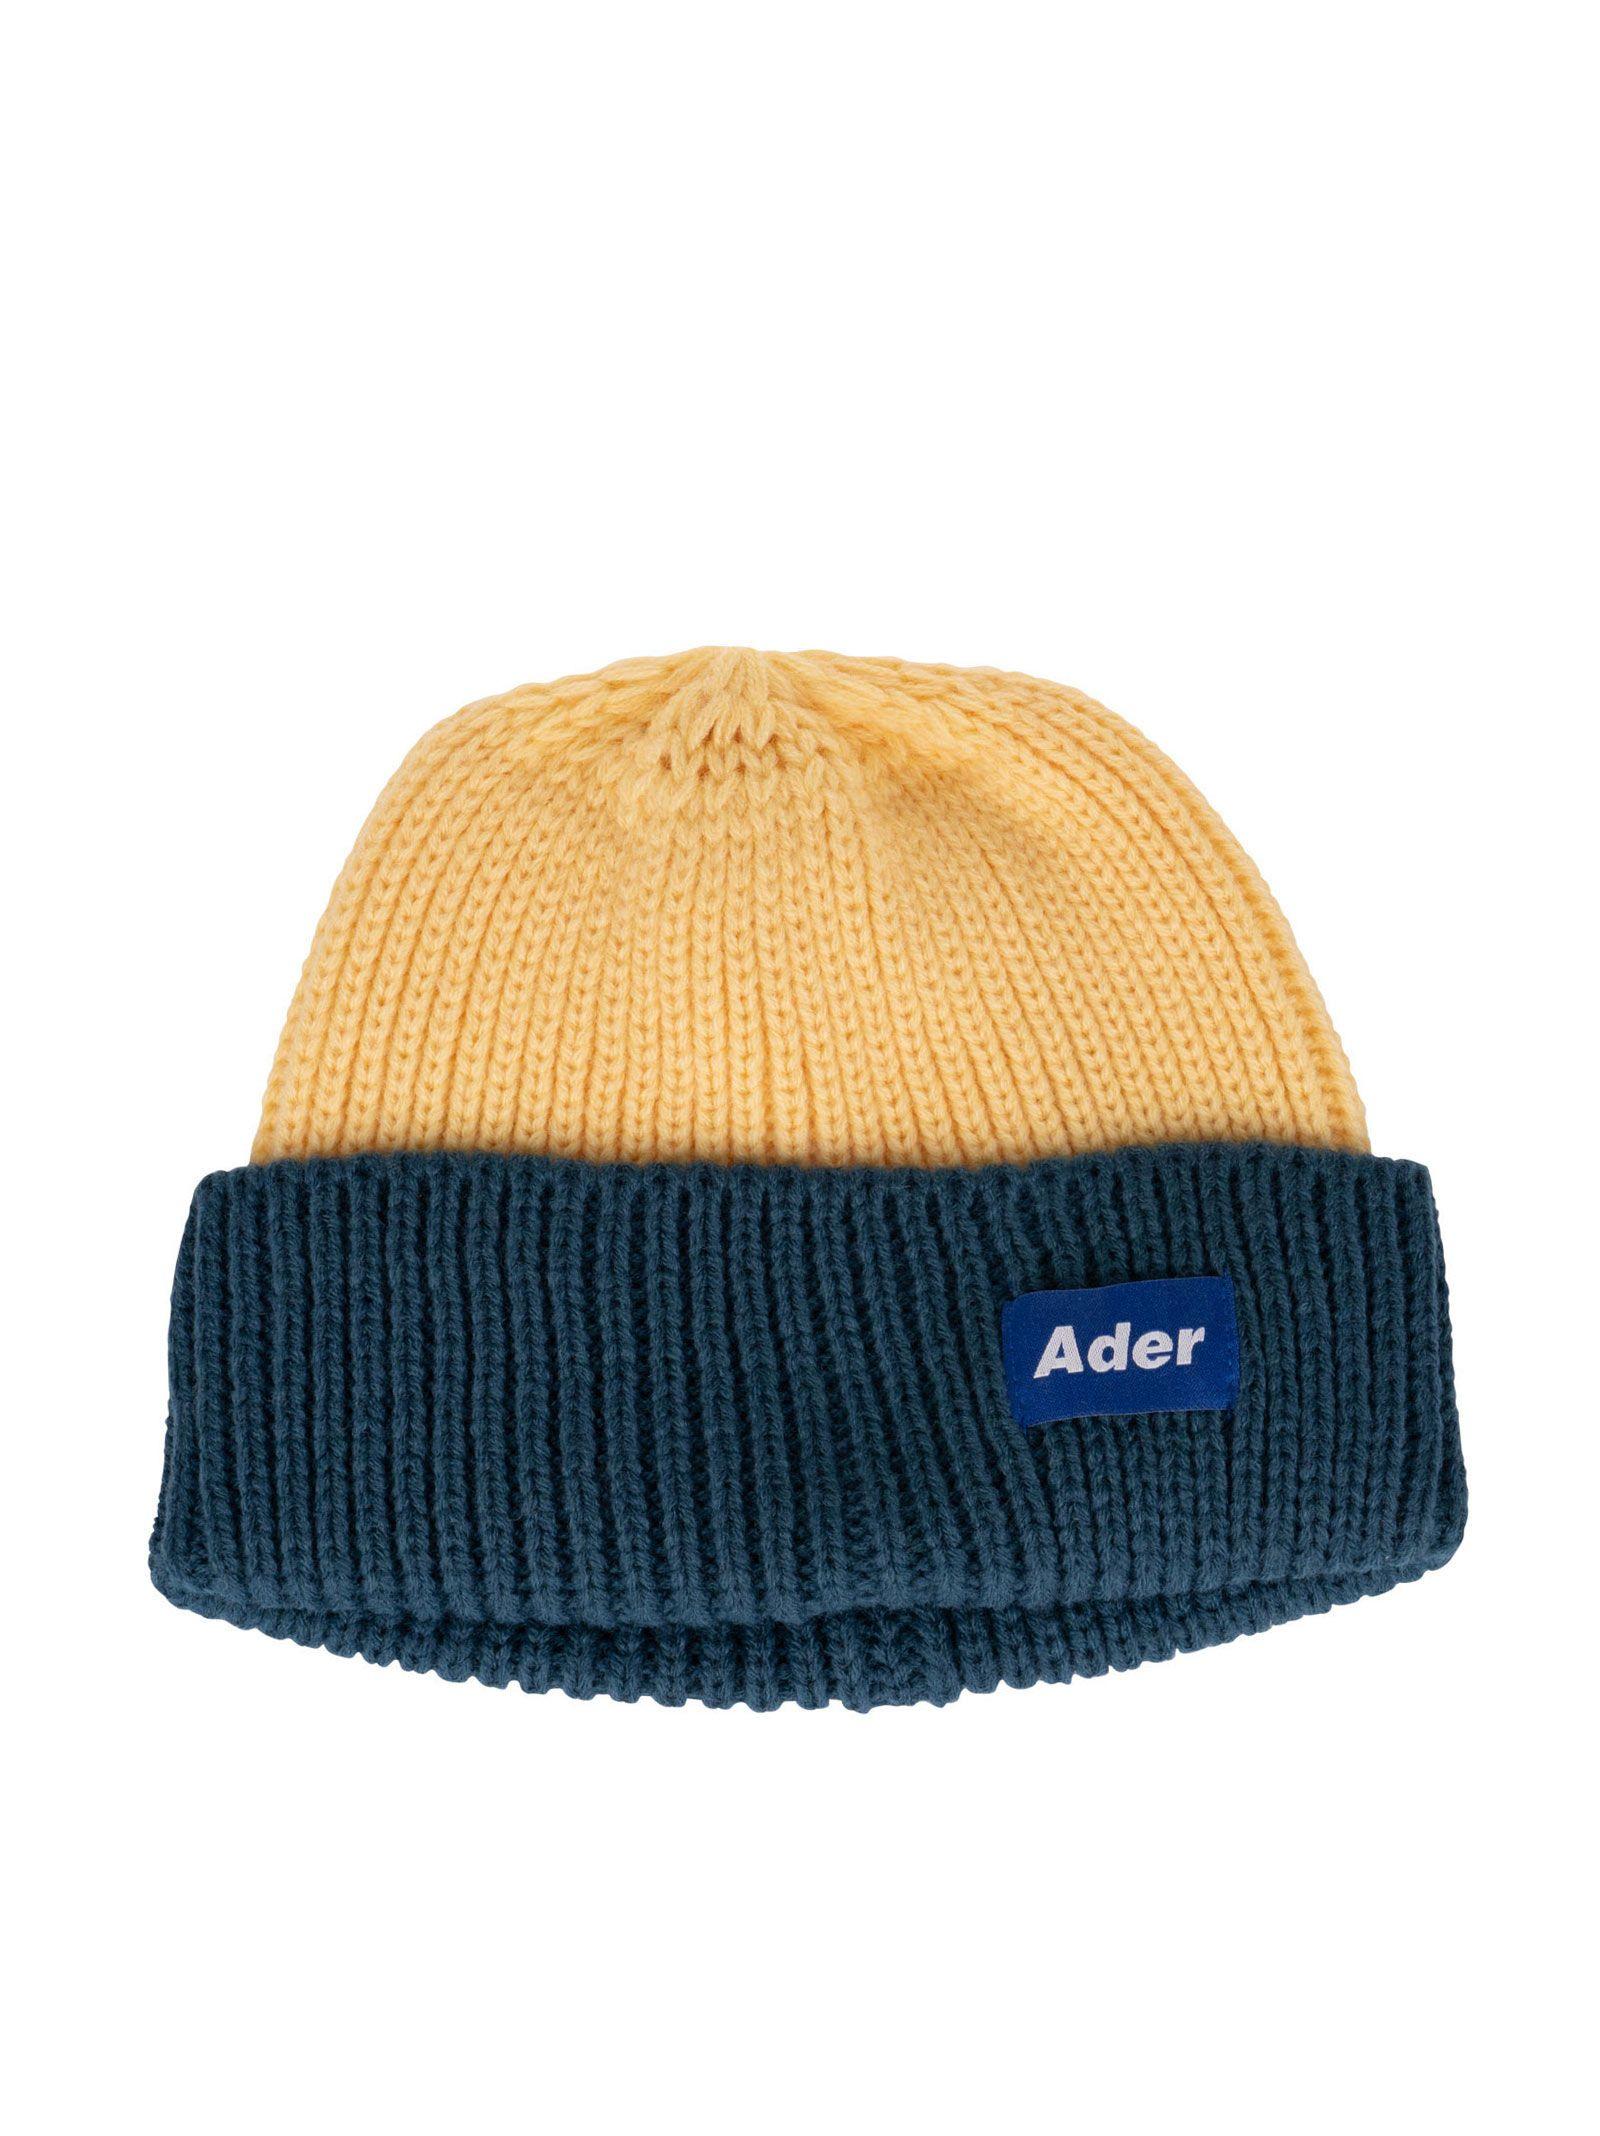 4853cedd7fa ADER ERROR 罗纹拼色毛线帽.  adererror